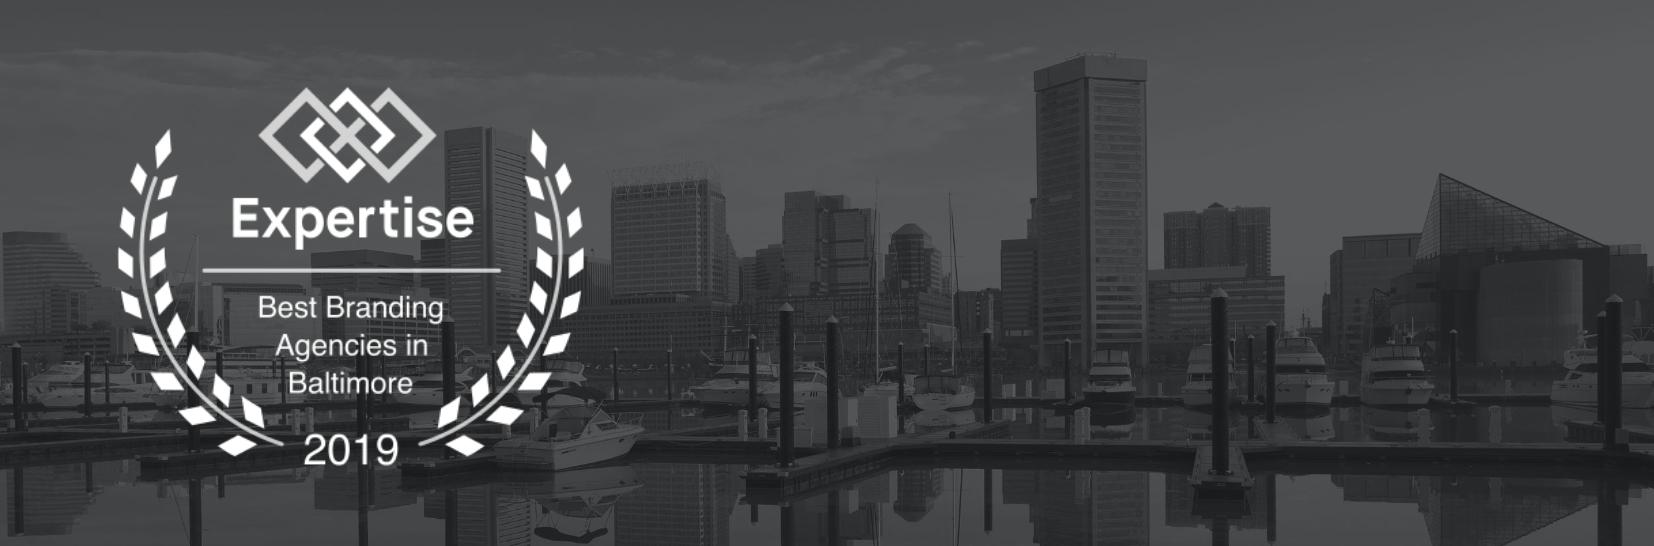 Expertise Award Banner